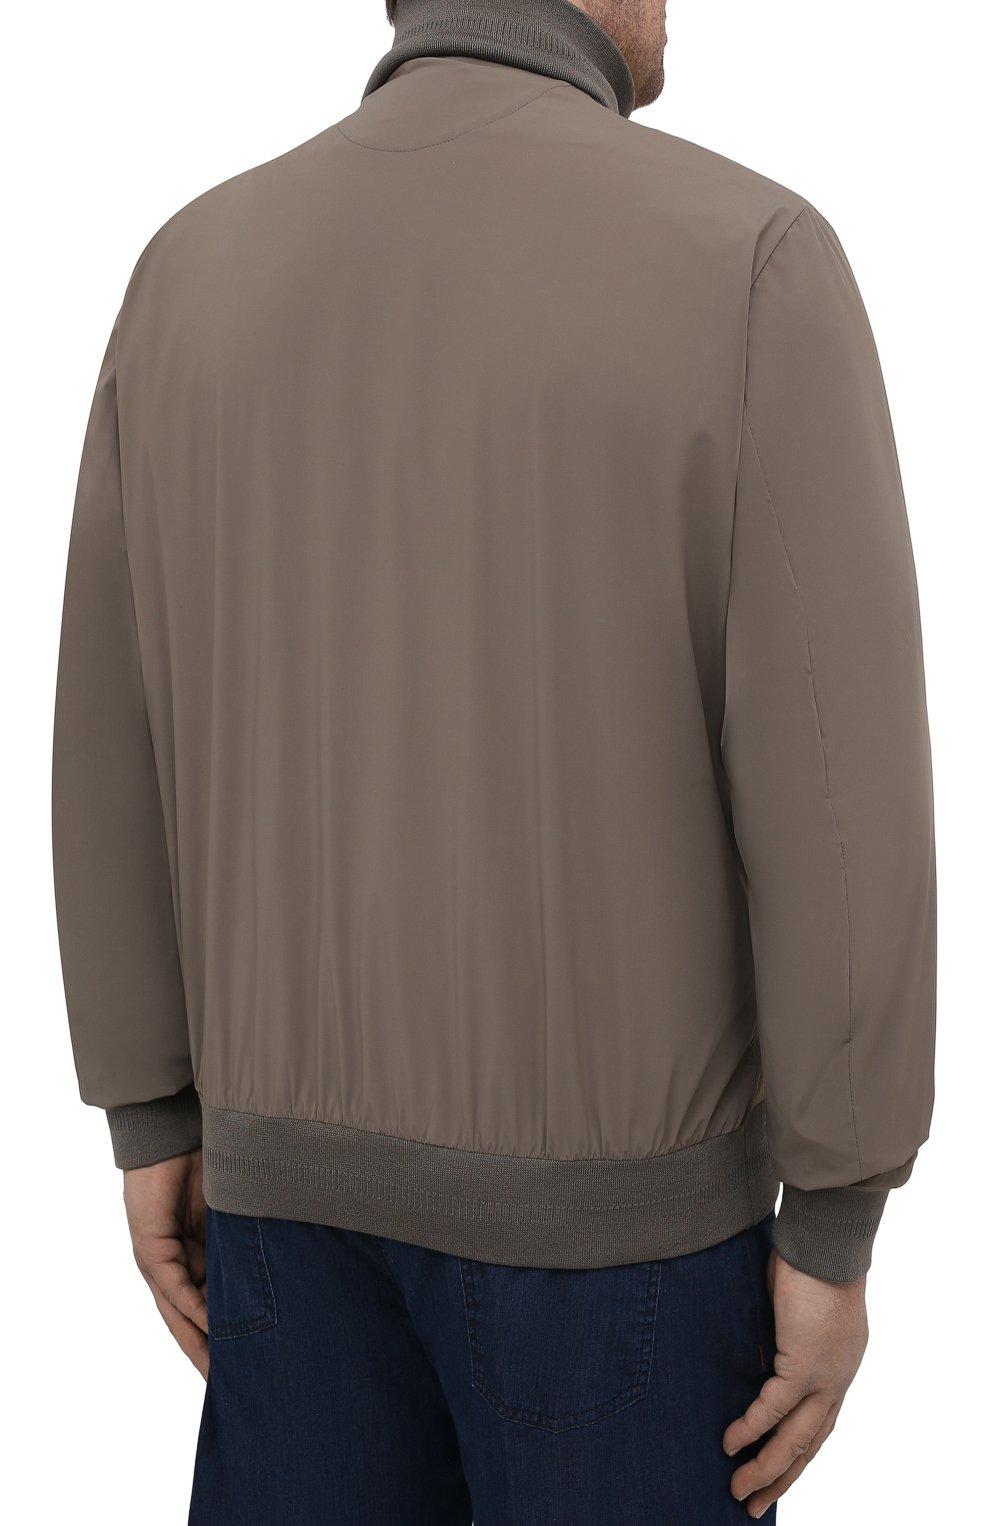 Мужской бомбер KIRED хаки цвета, арт. WSERGI0W6905011001/64-74 | Фото 4 (Кросс-КТ: Куртка; Big sizes: Big Sizes; Рукава: Длинные; Принт: Без принта; Материал внешний: Синтетический материал; Длина (верхняя одежда): Короткие; Стили: Кэжуэл)